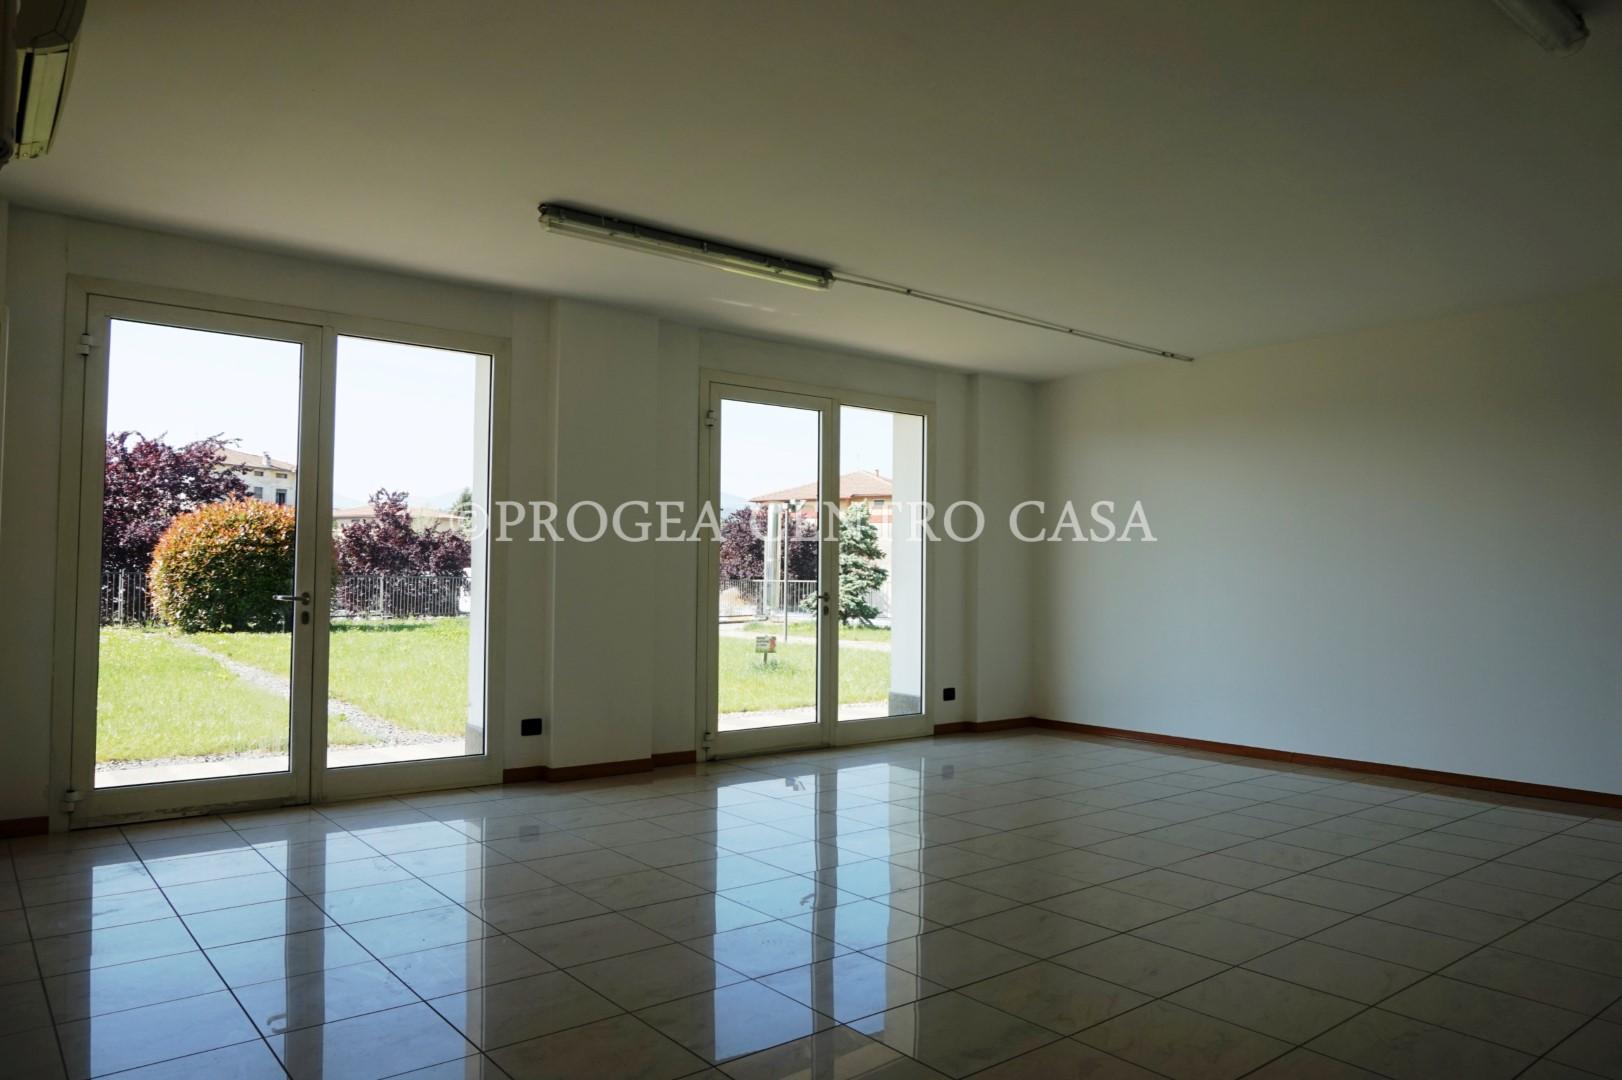 Ufficio con vetrine in affitto Albano Sant'Alessandro